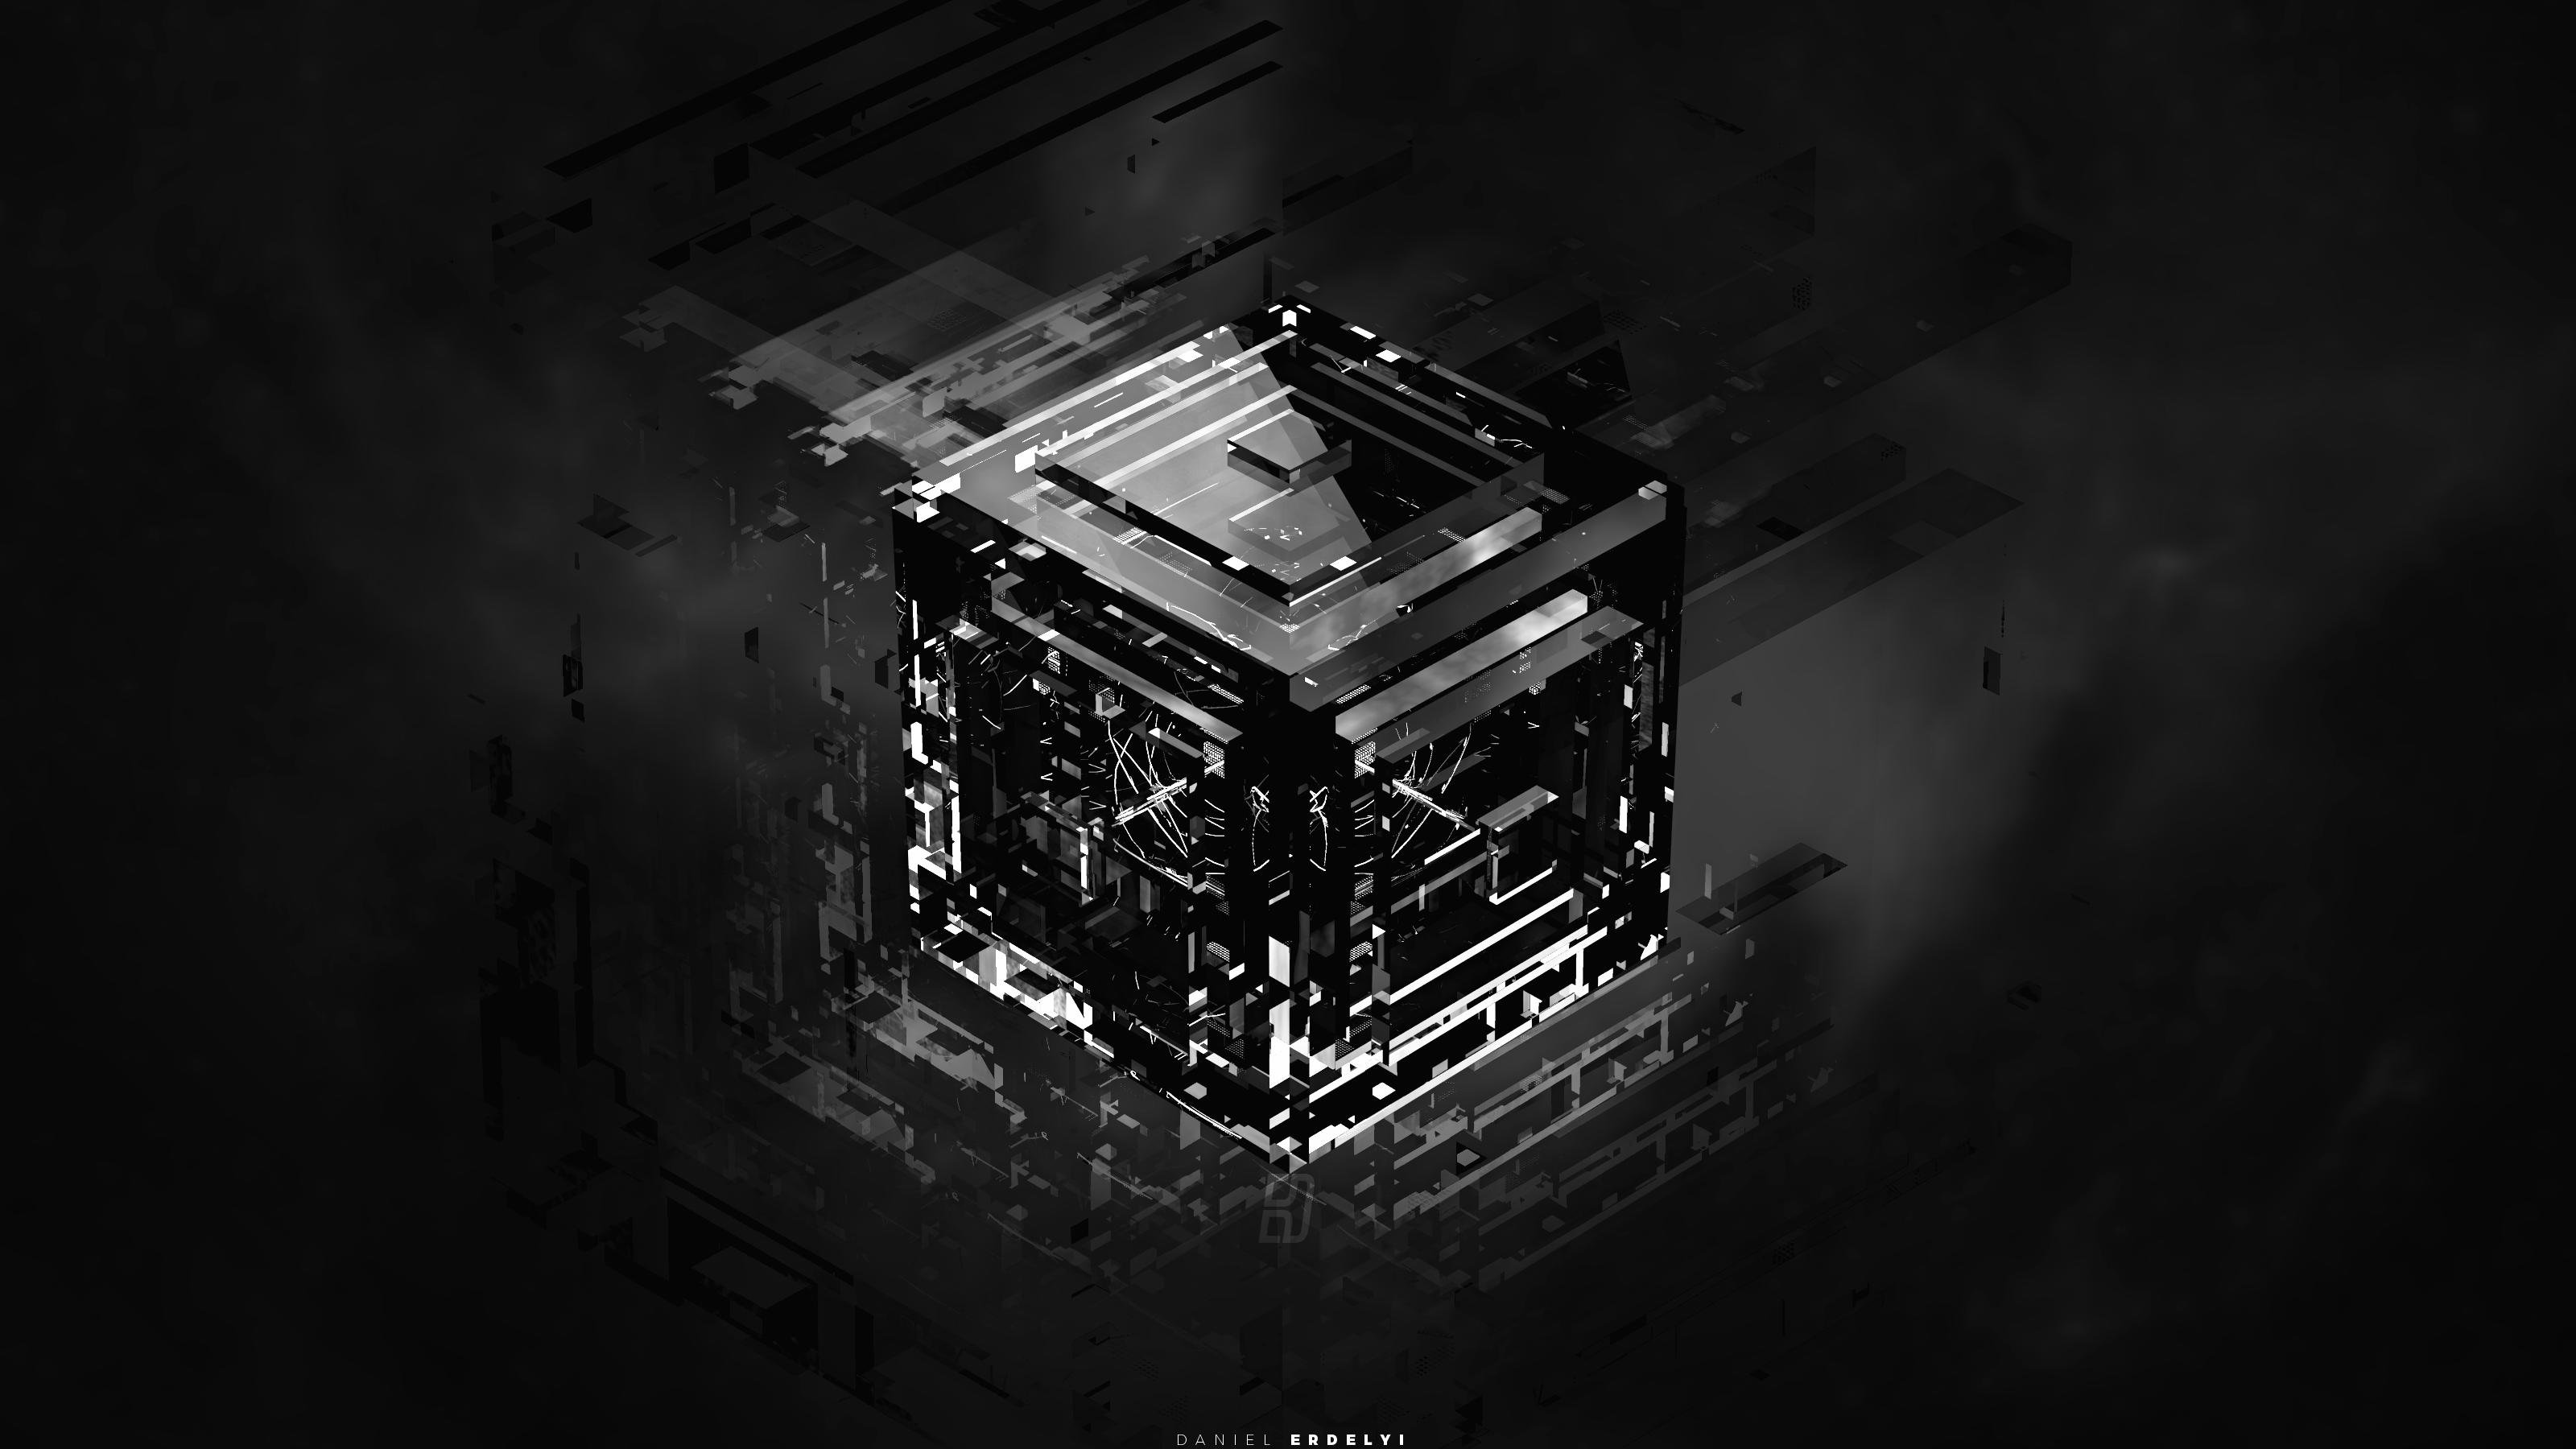 картинка для рабочего стола черные кубы под юбкой